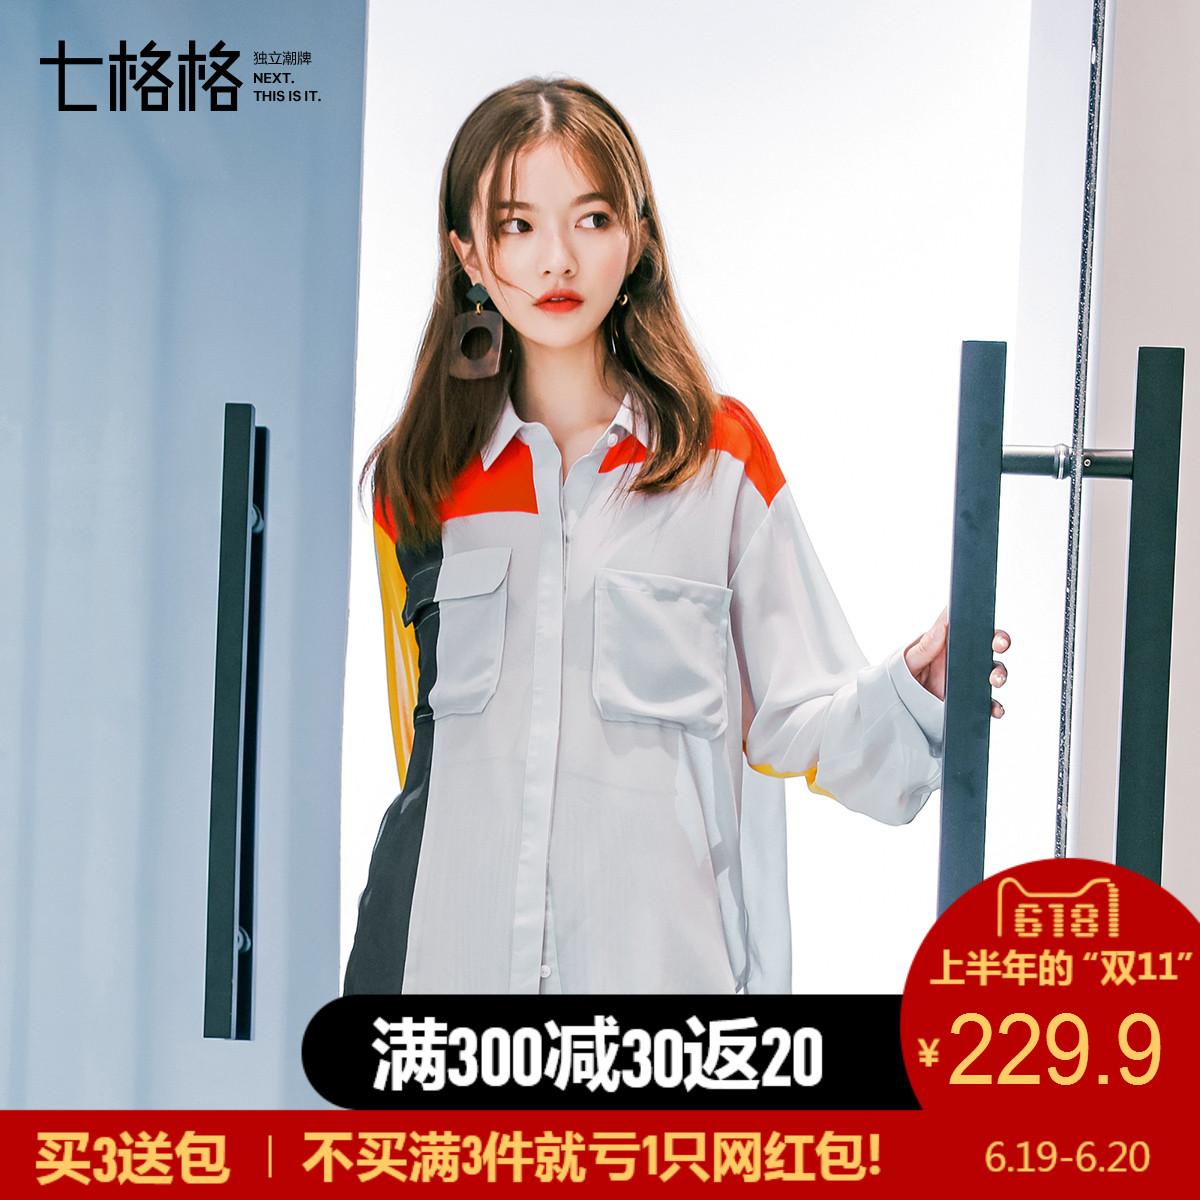 怪味少女衬衫2018夏季新款小心机复古雪纺撞色长袖上衣薄chic港味